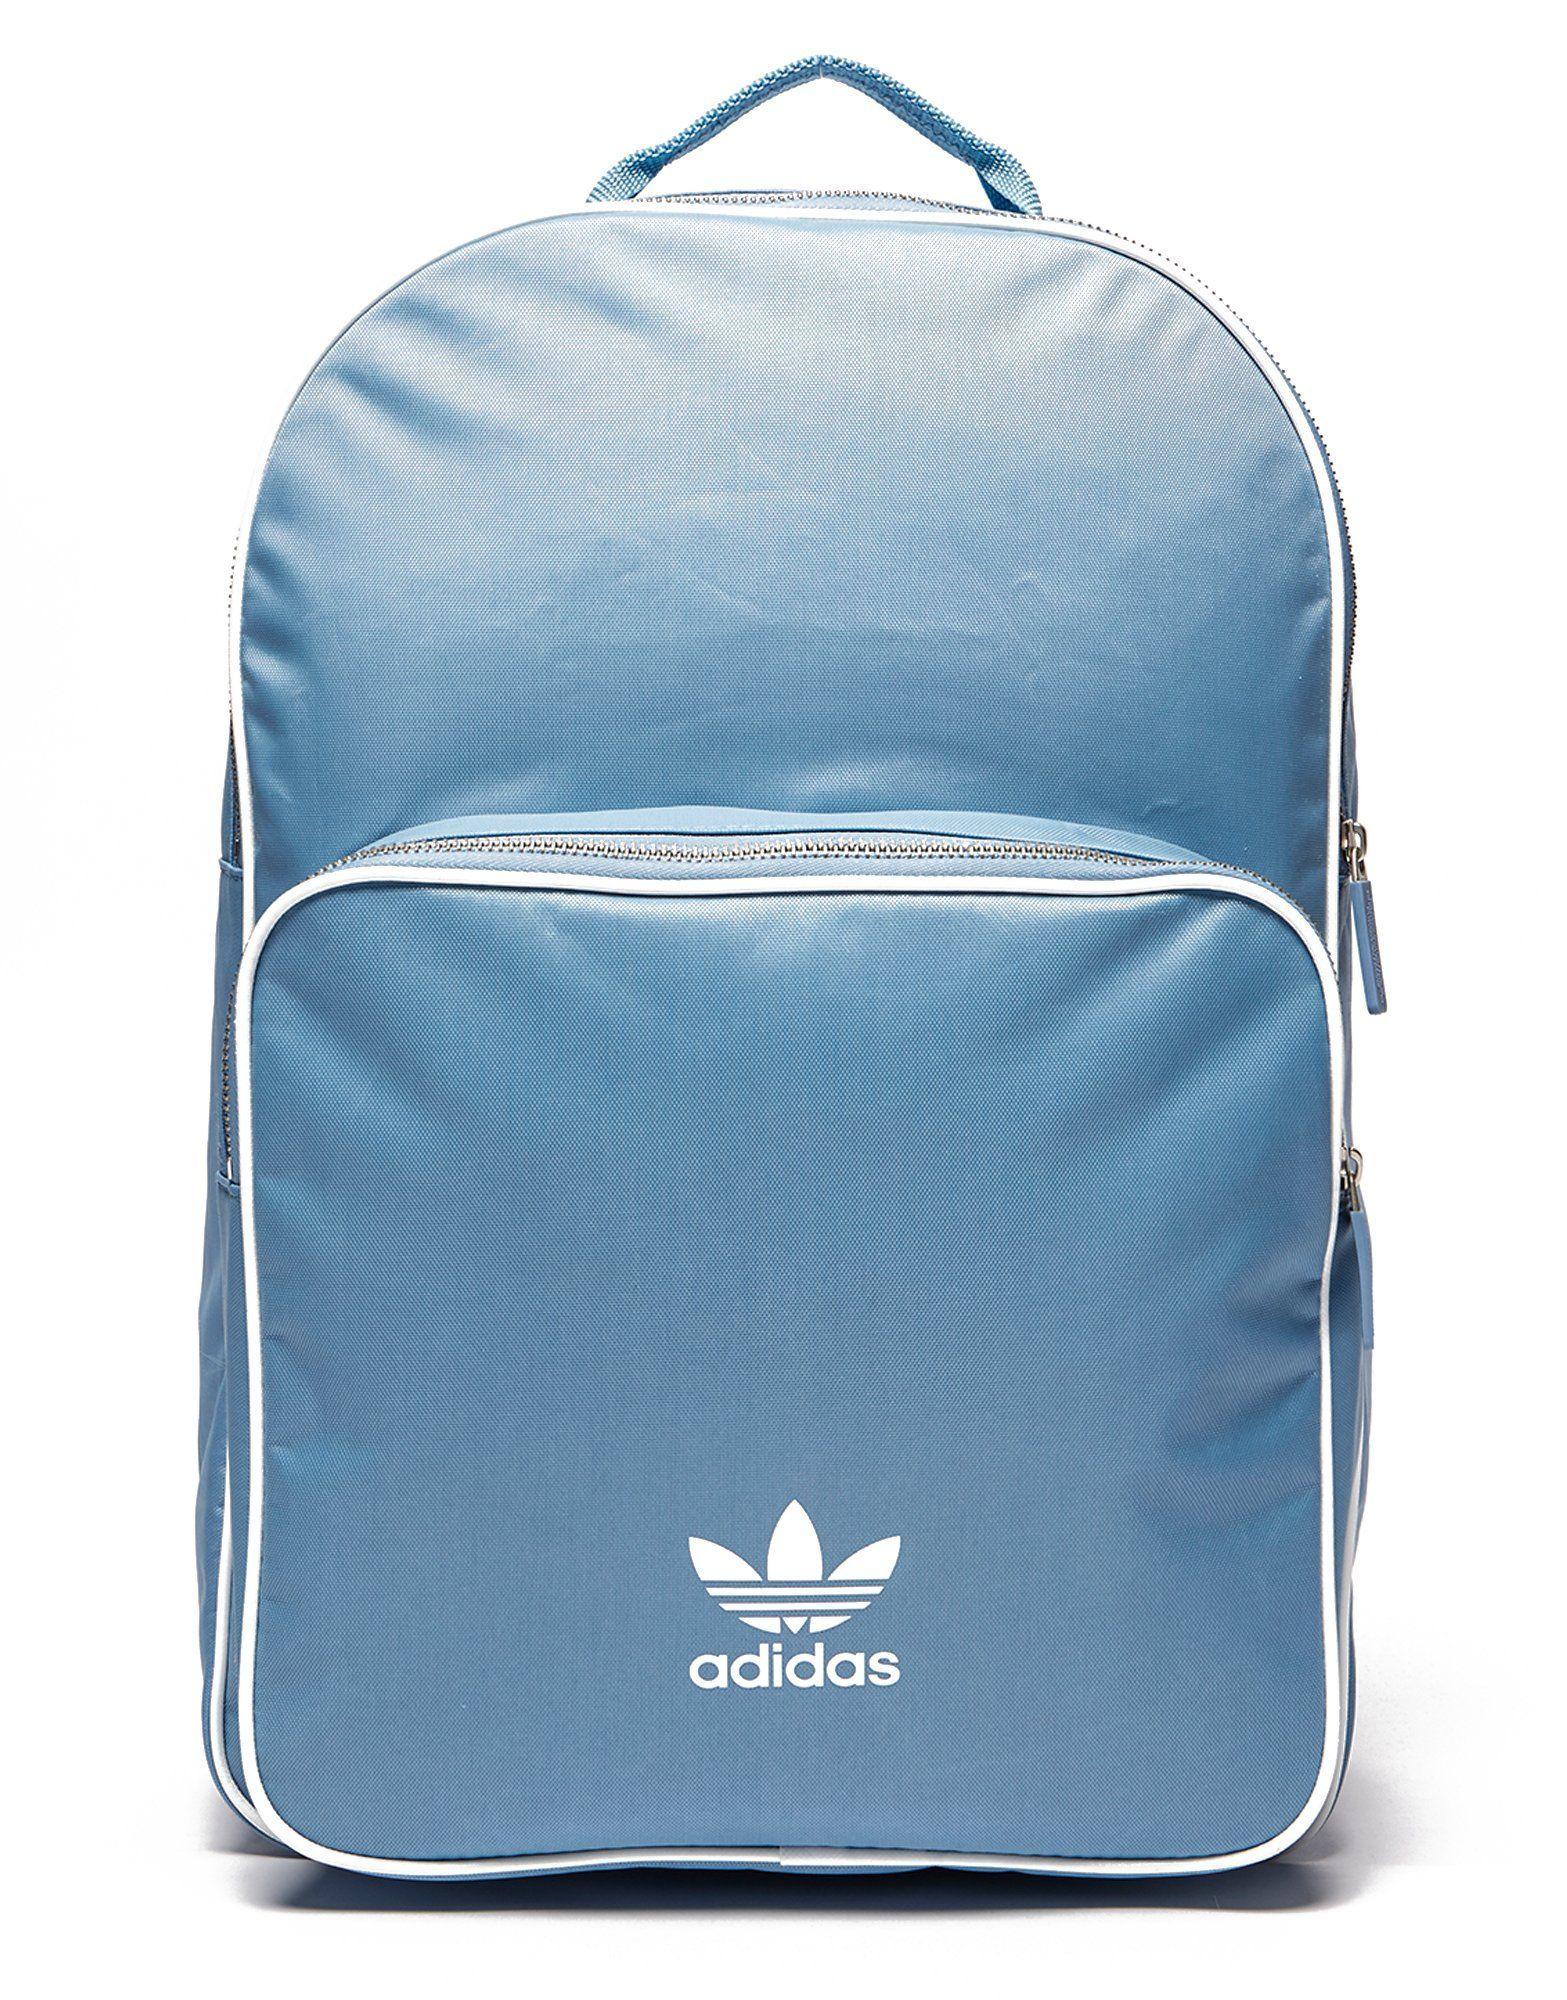 adidas Originals Adicolor Backpack - Shop online for adidas Originals  Adicolor Backpack with JD Sports d9b8e65ff6713